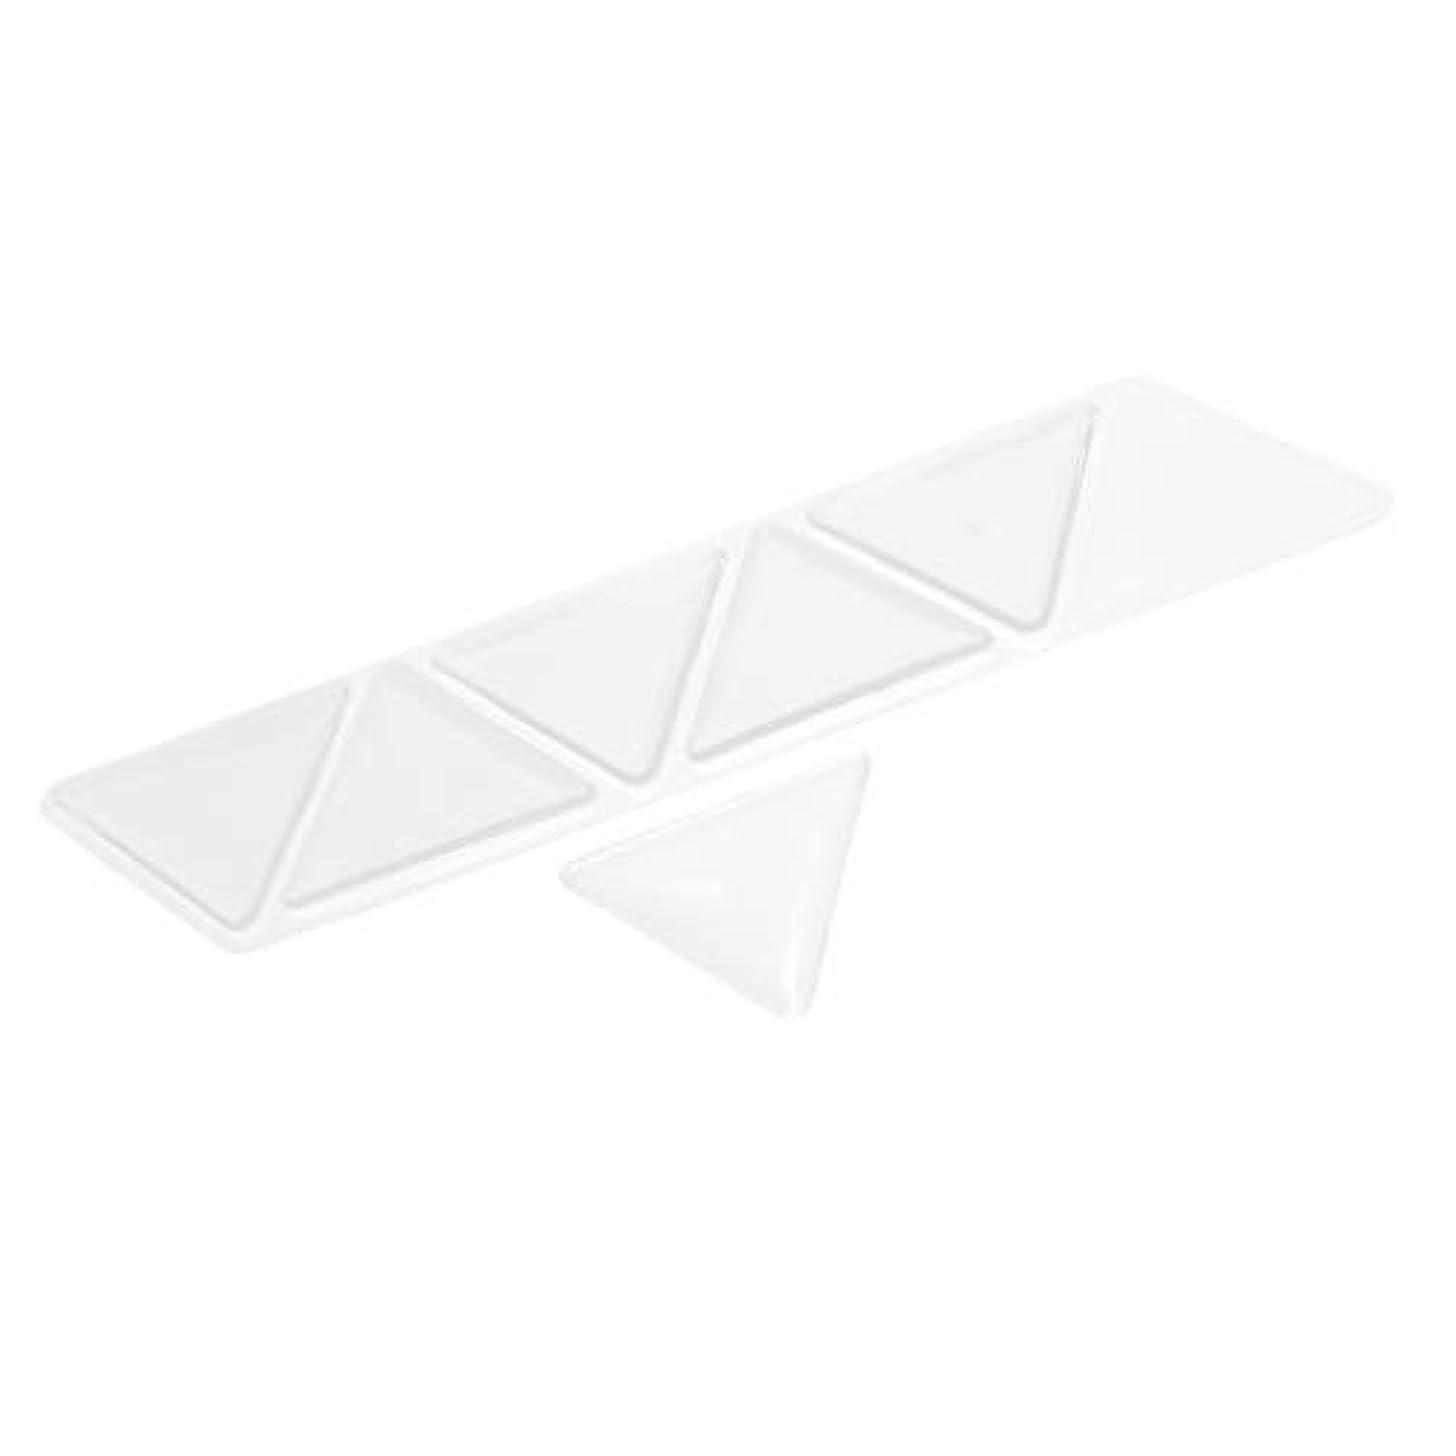 のれん指わざわざBaoblaze 額パッド スキンケアパッド アンチリンクル シリコン 三角パッド 再使用可能な